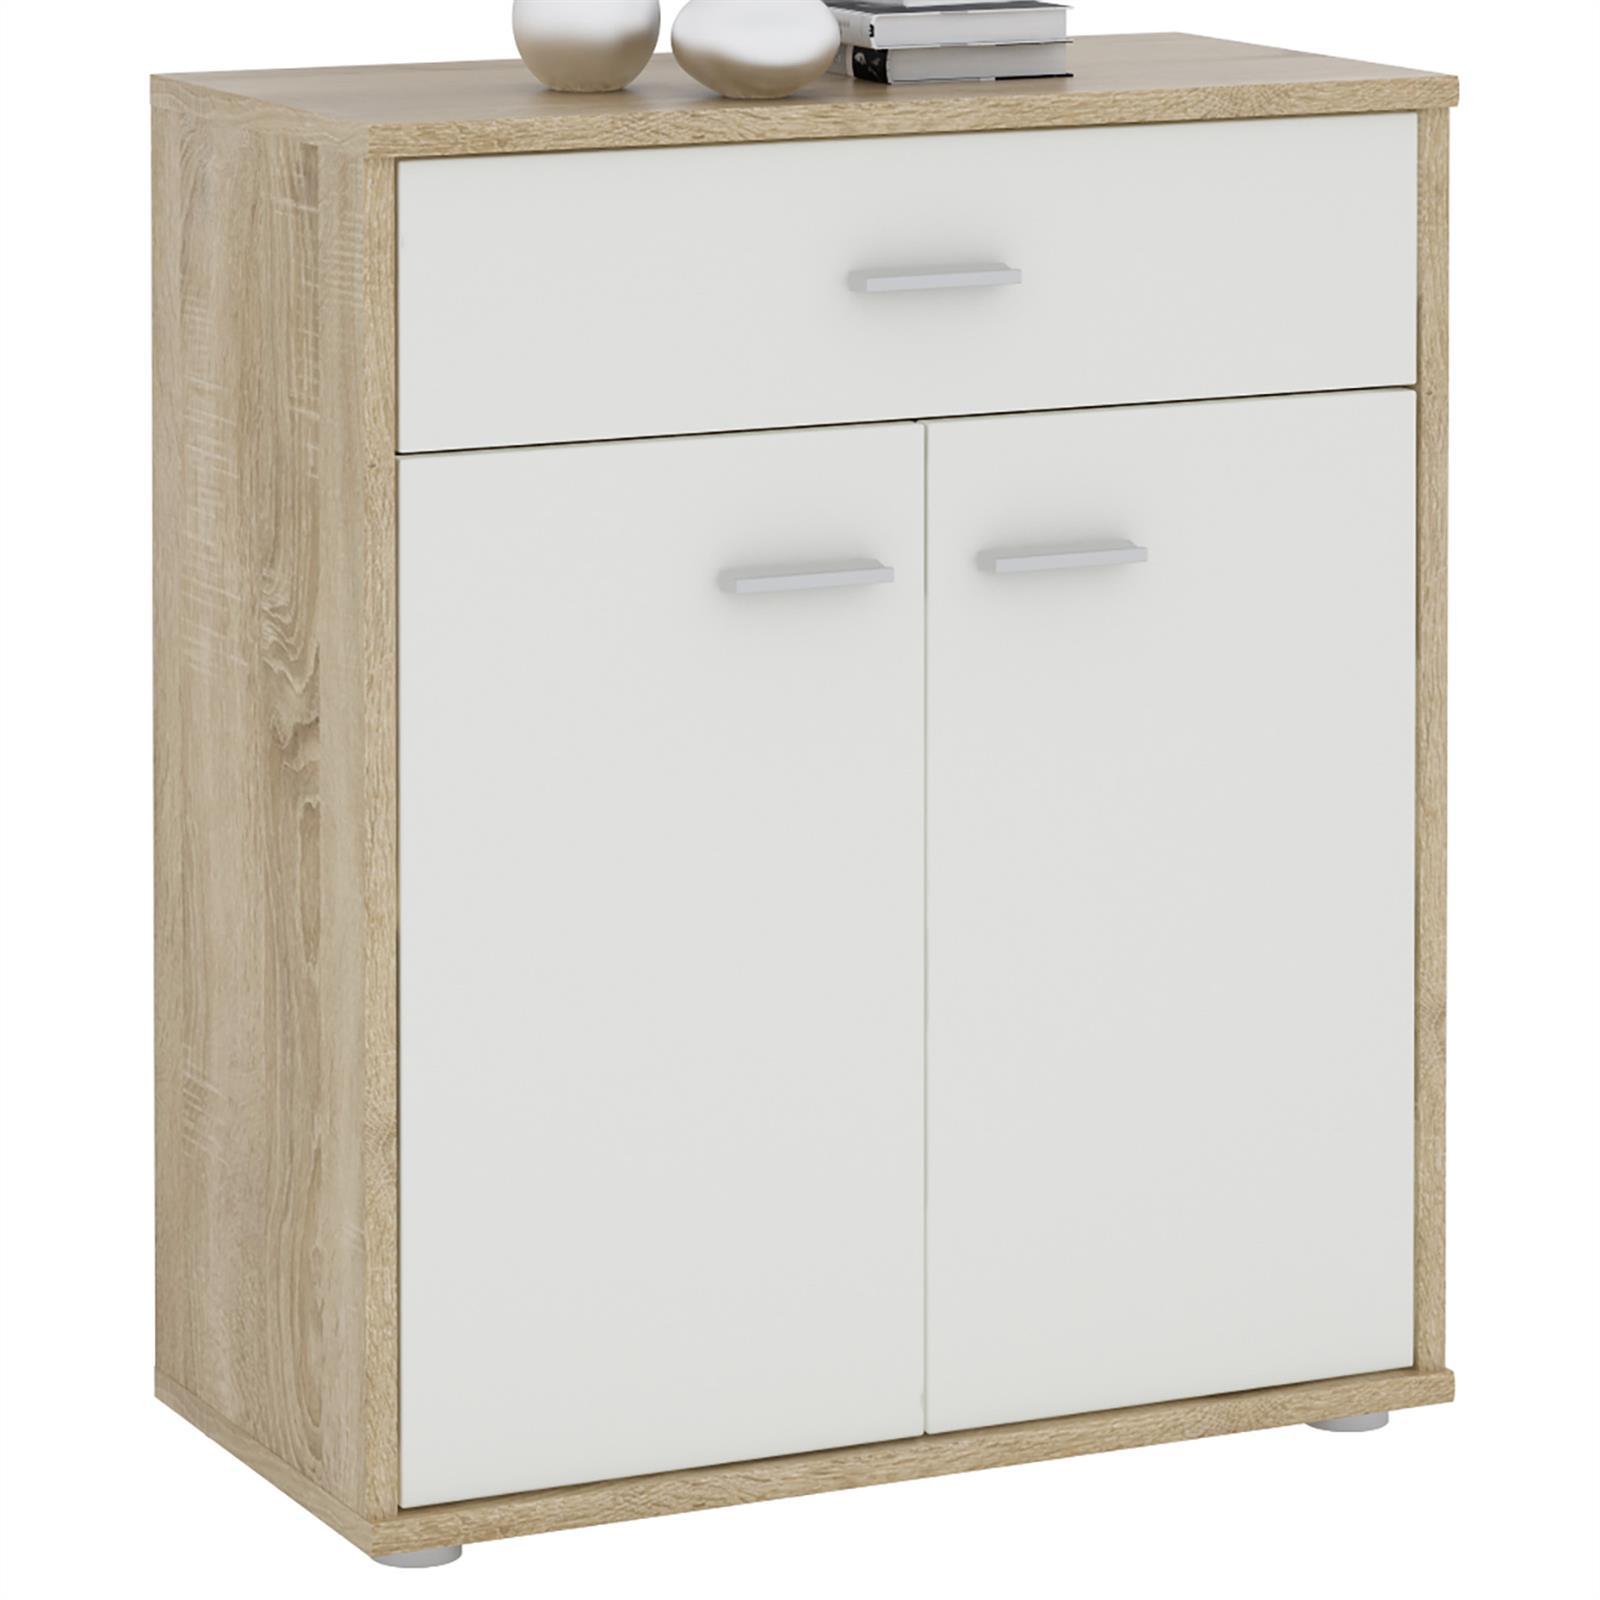 buffet monaco m lamin ch ne sonoma et blanc mat mobil meubles. Black Bedroom Furniture Sets. Home Design Ideas